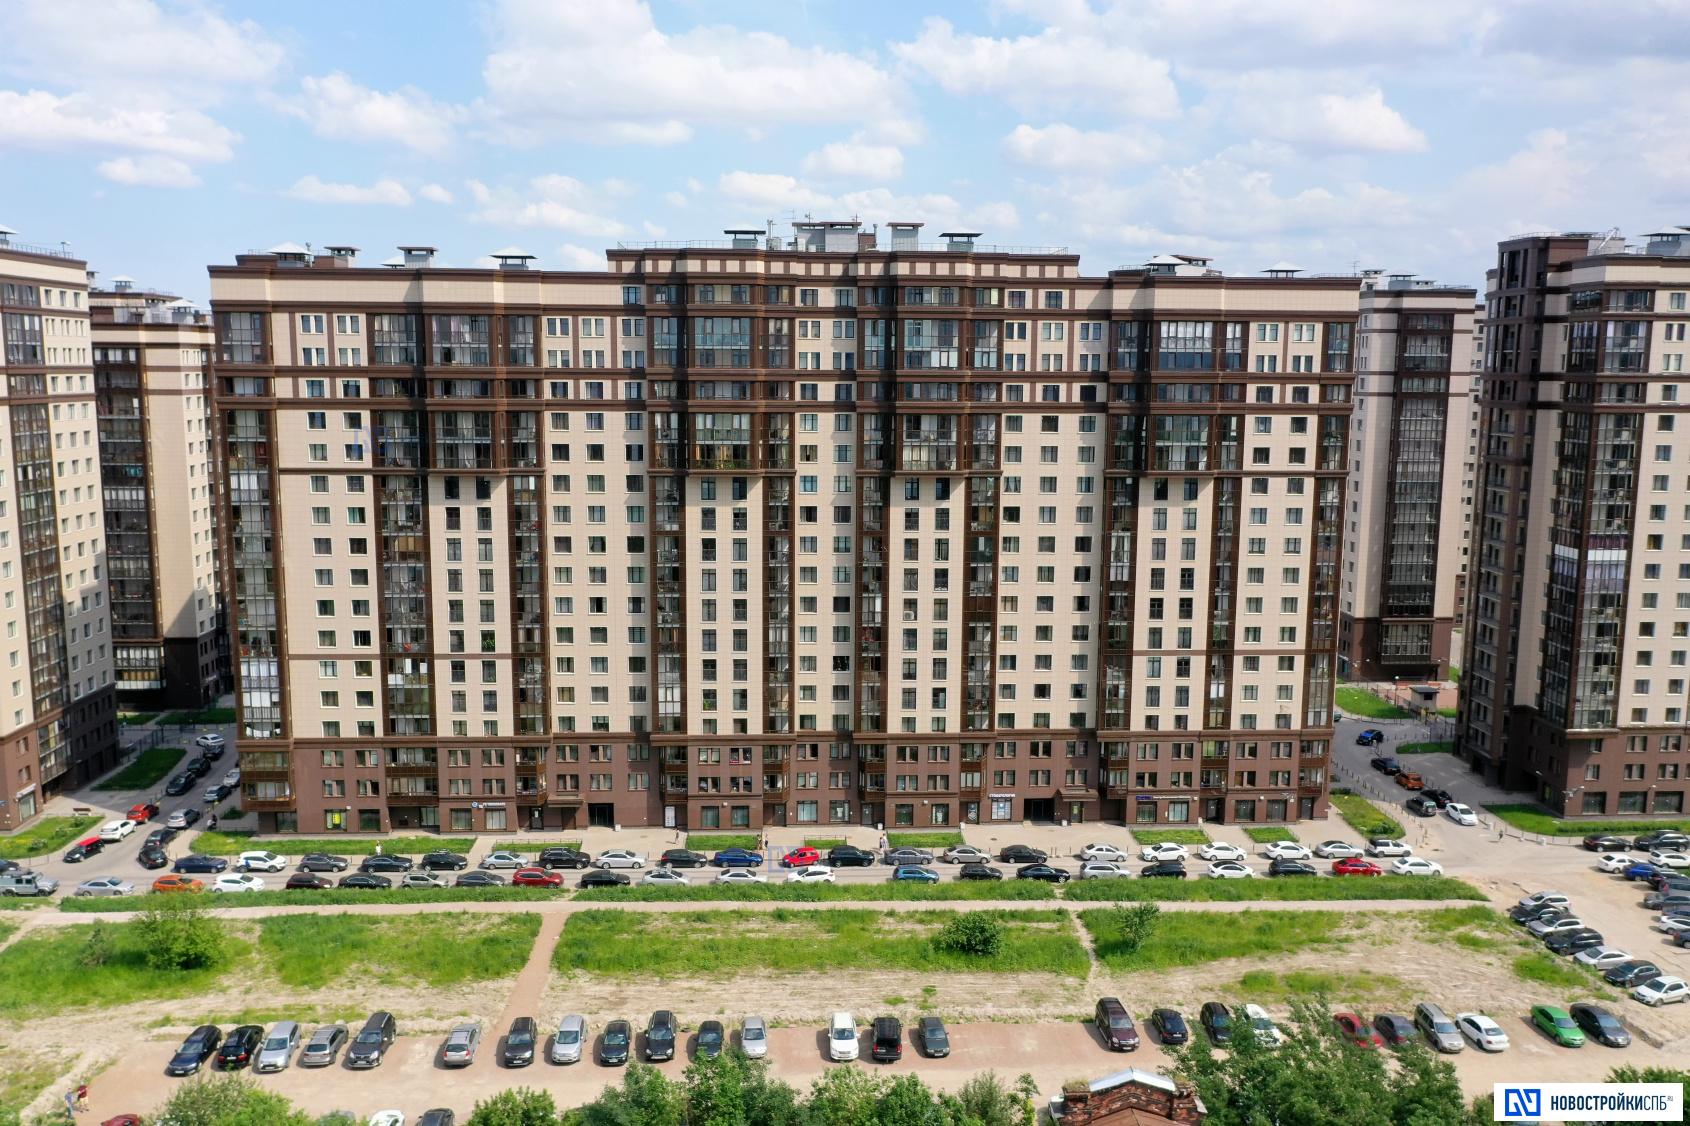 выбрали ленспецсму фото строительства жк московские ворота душевой уголок